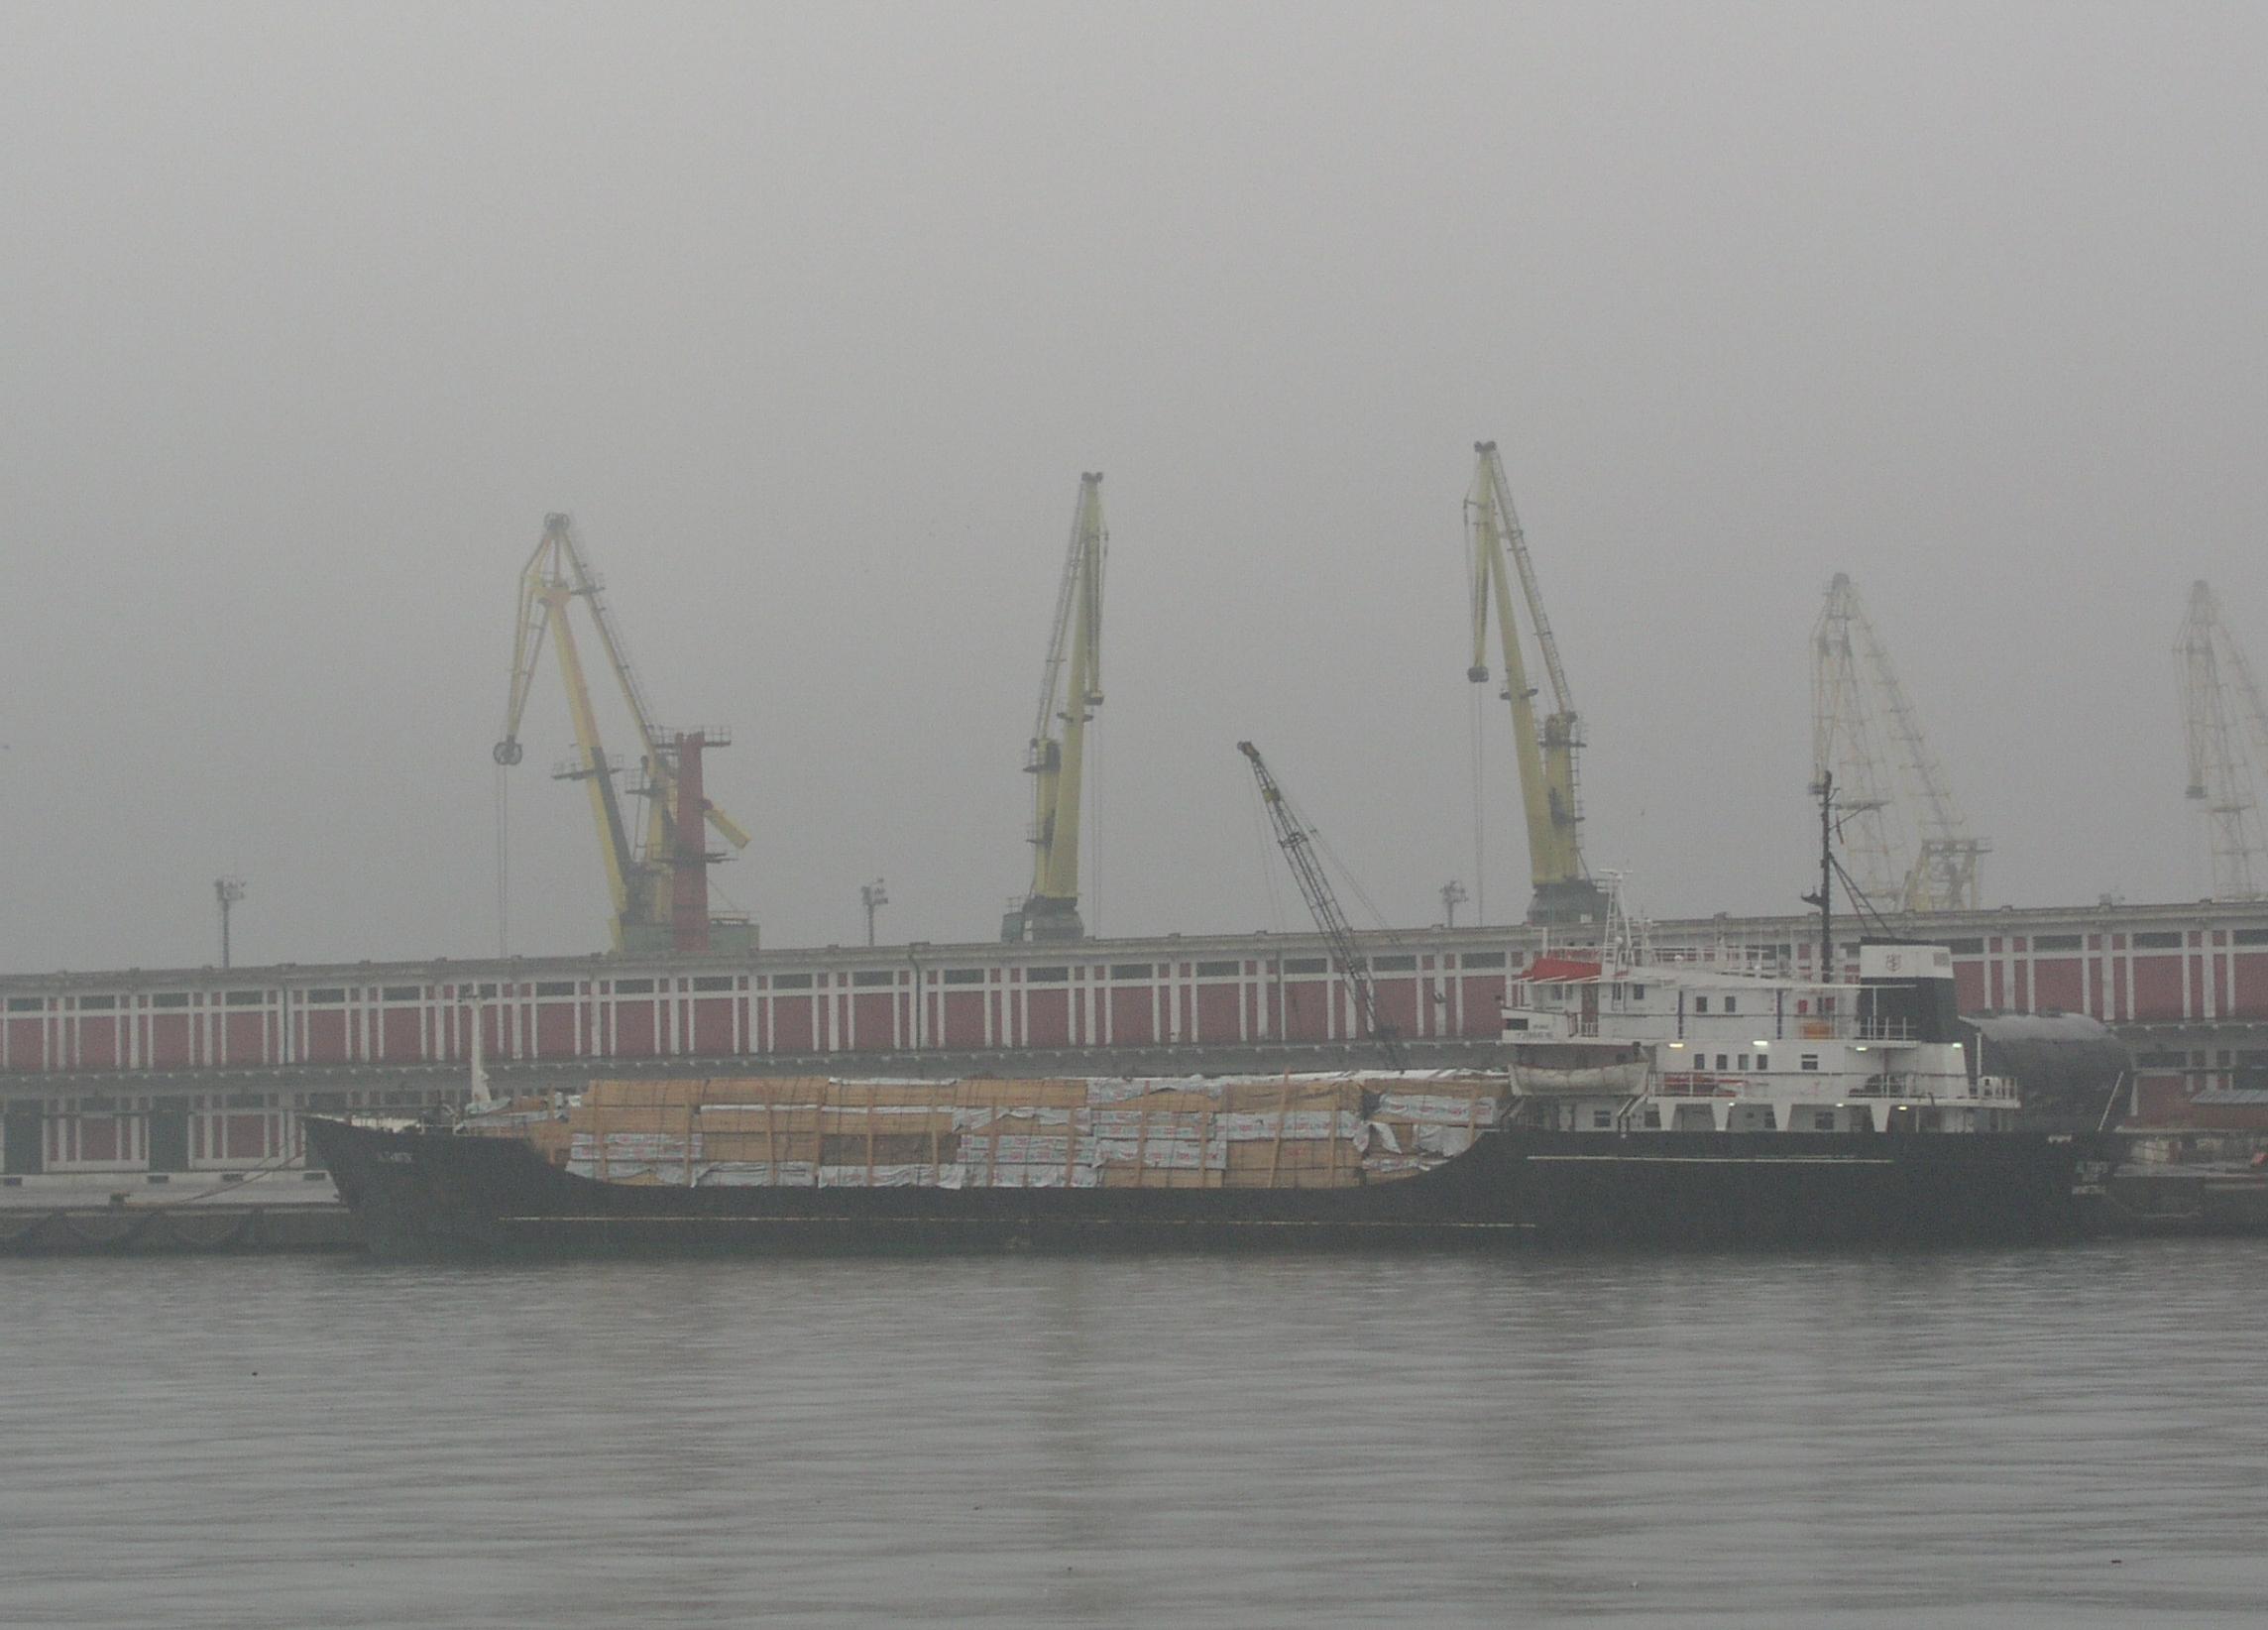 Toate porturile din Constanţa au fost închise din cauza vântului puternic